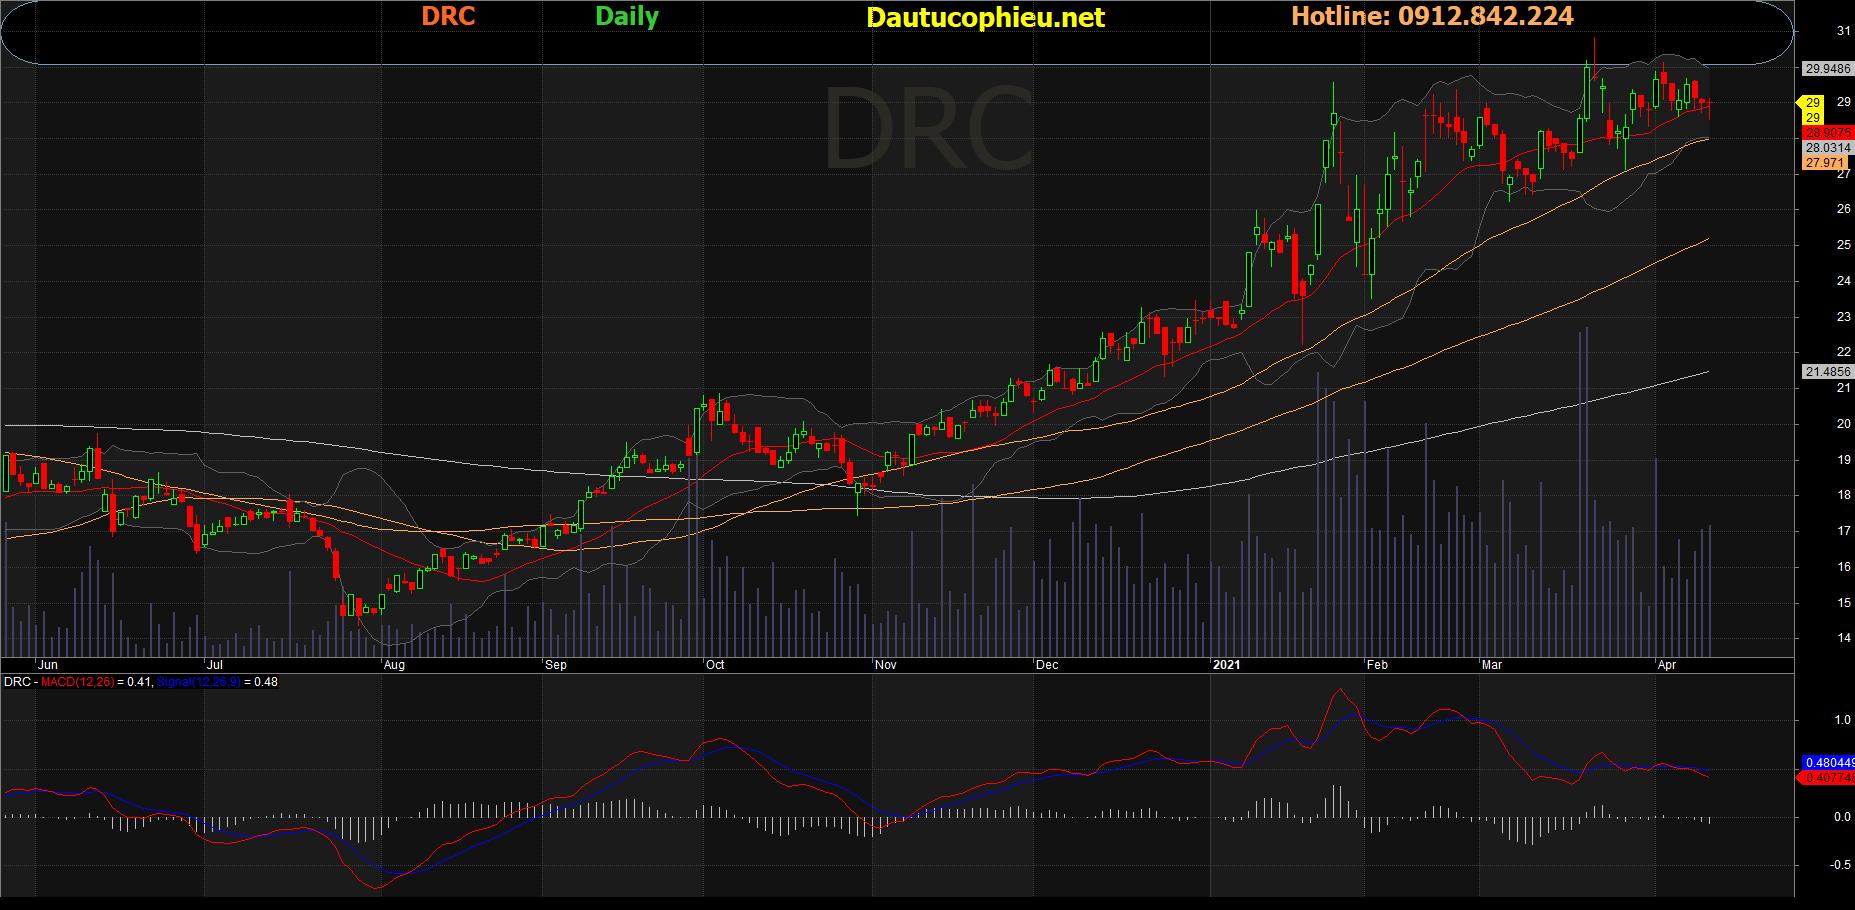 Cổ phiếu DRC